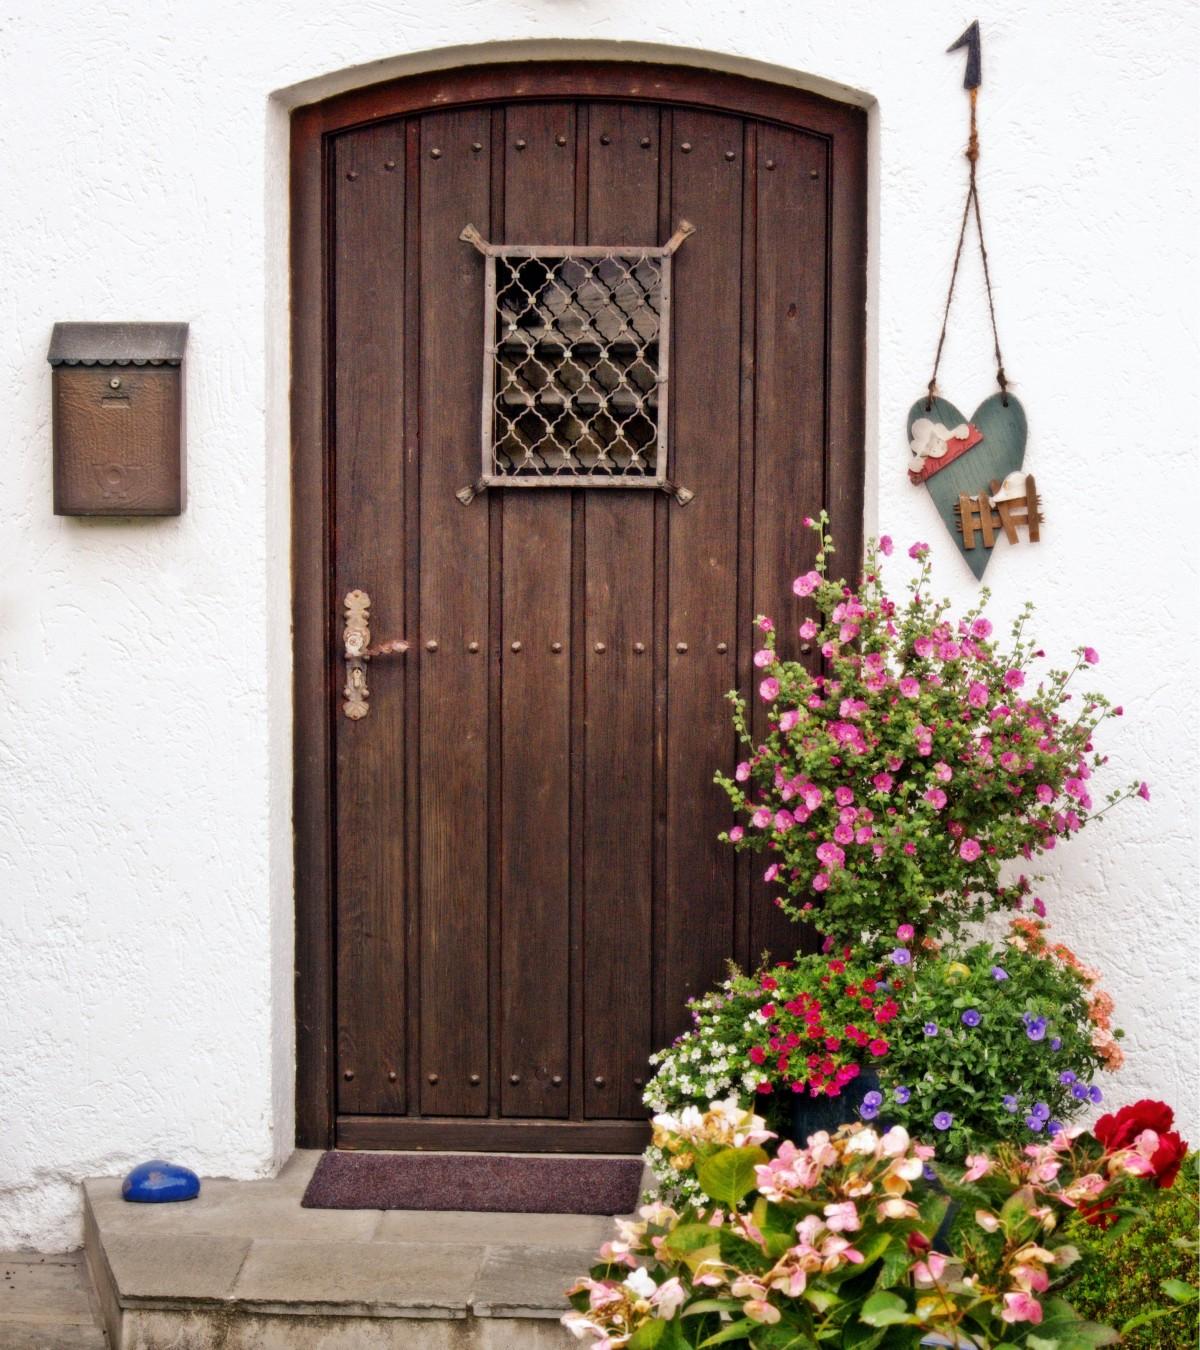 Wood Window Old Arch Cottage Romantic Door Front Door Wooden Door Input  House Entrance Historically Old